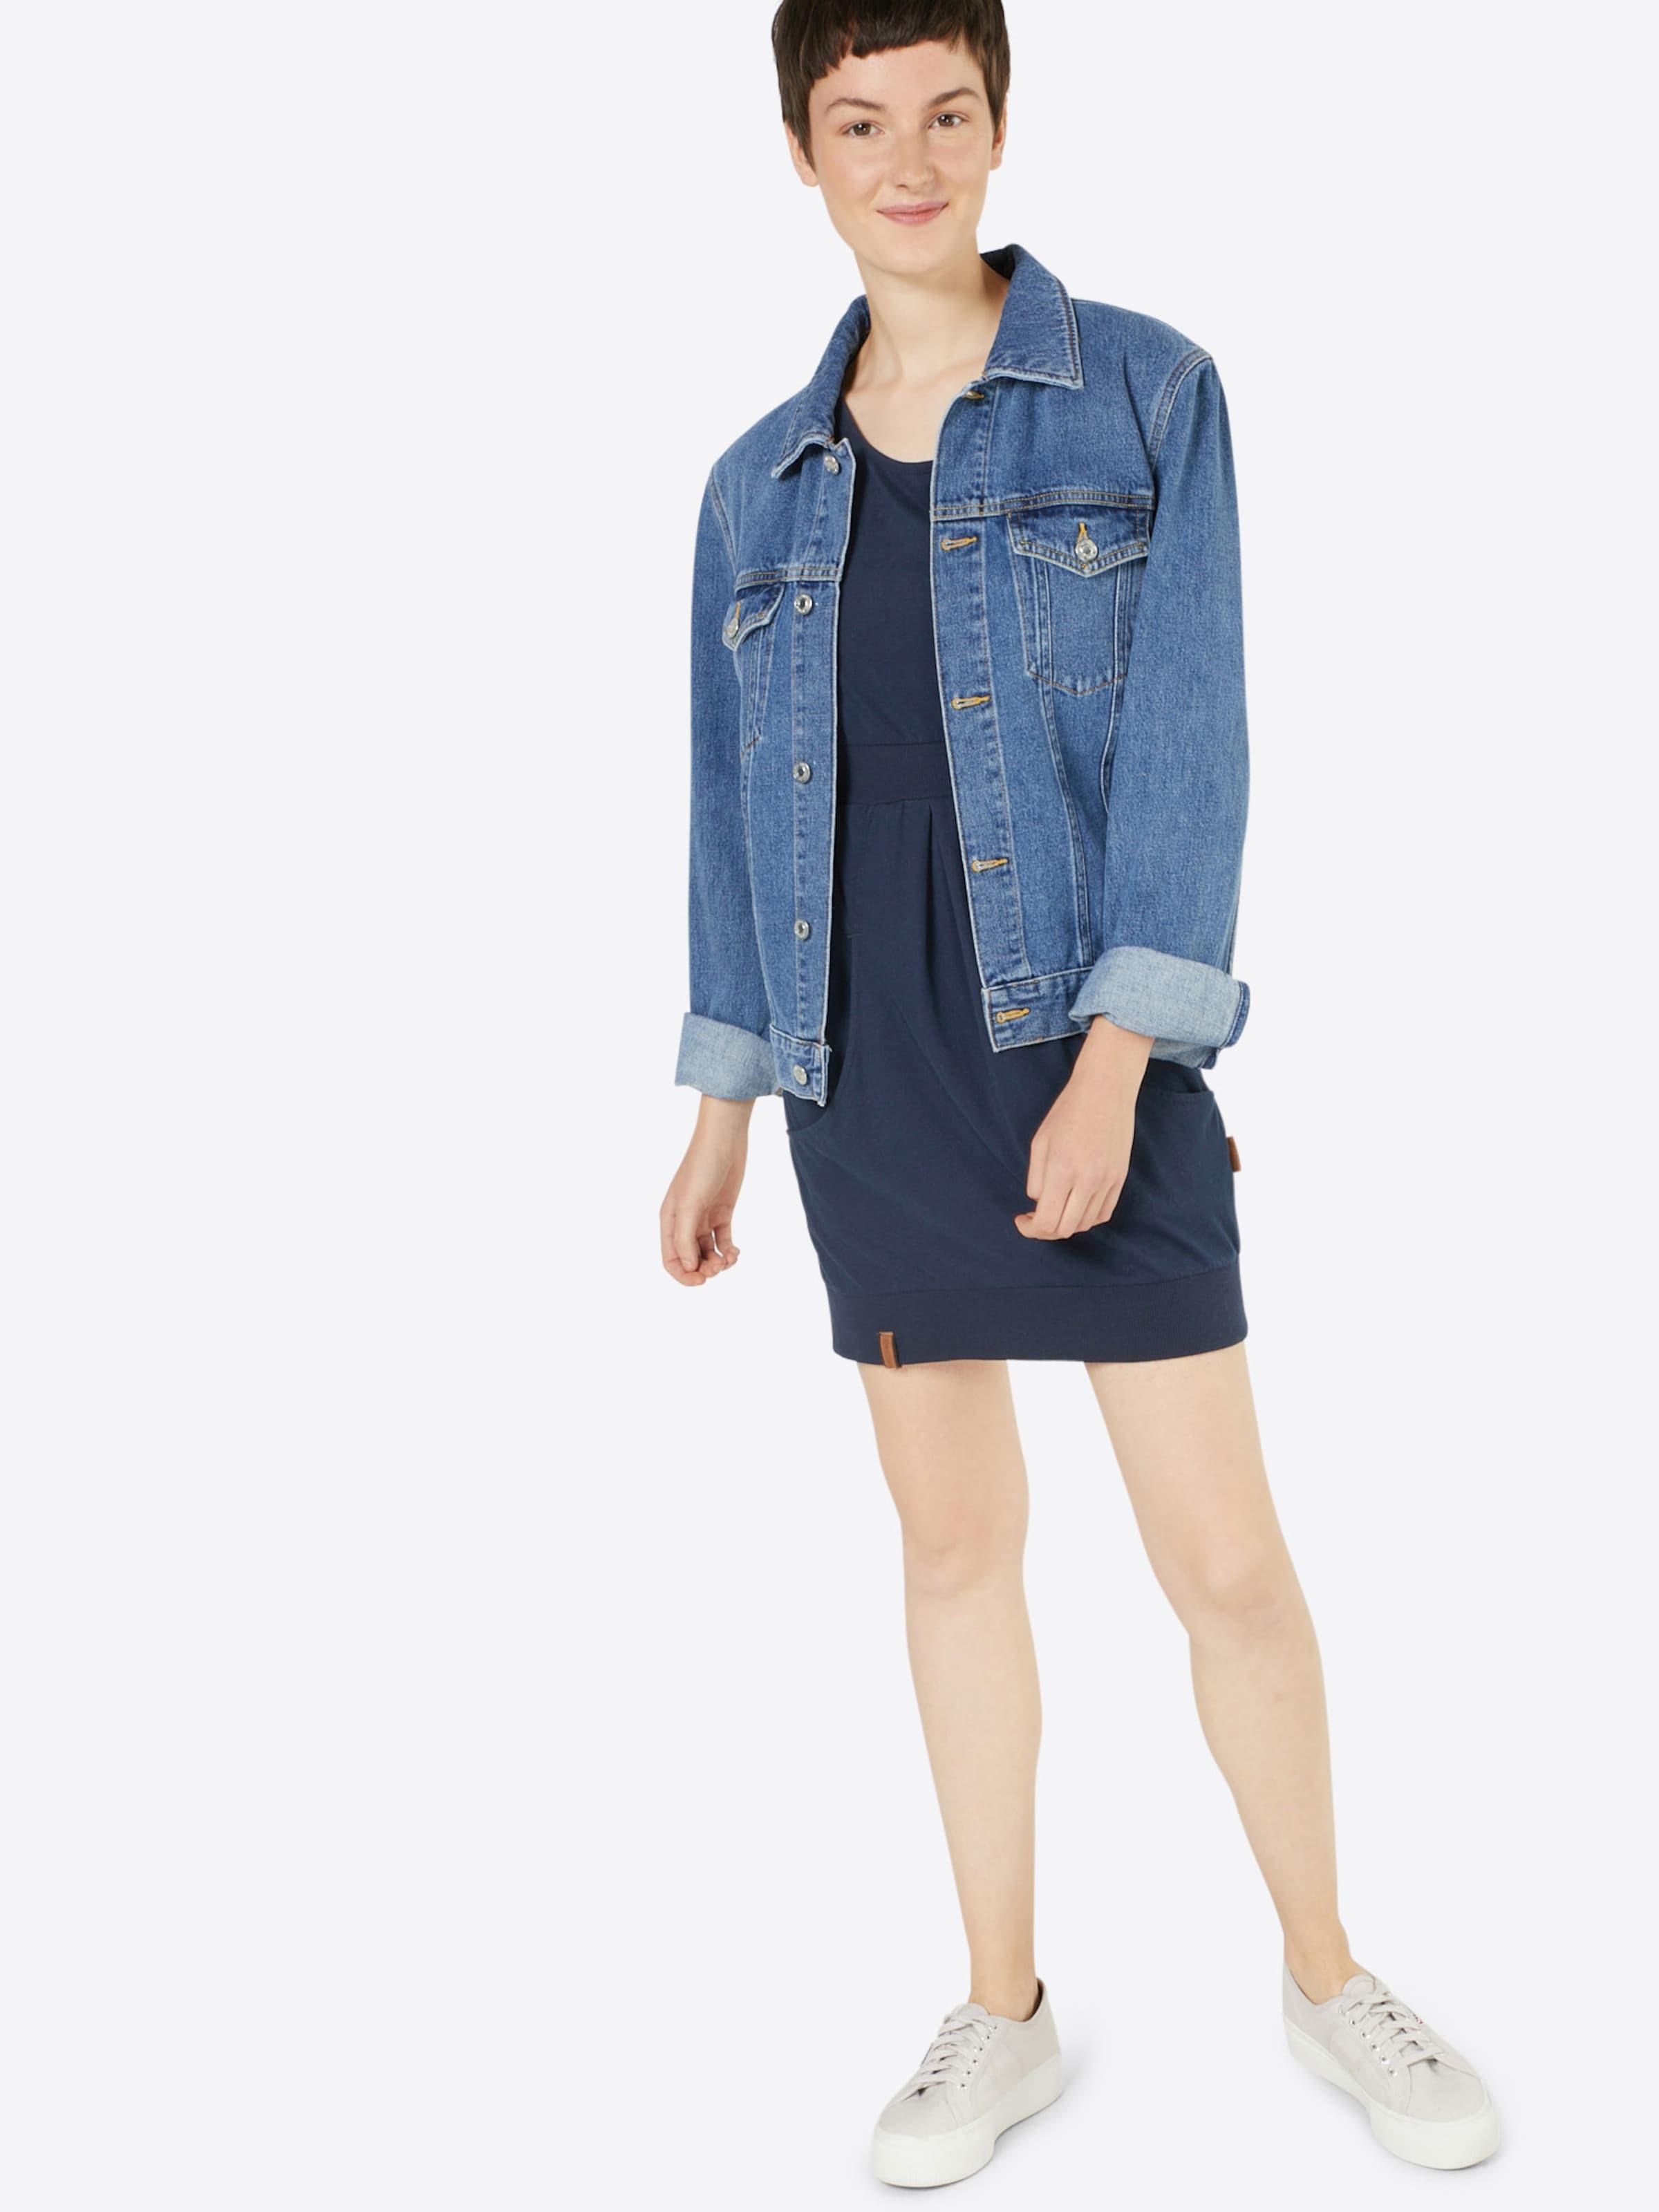 naketano Jerseykleid Shop Günstigen Preis CChNSx